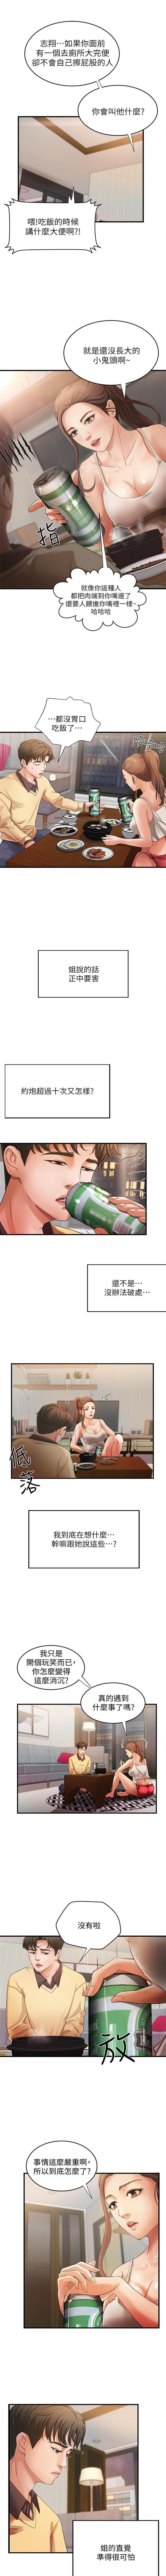 御姐的實戰教學 1-24 官方中文(連載中) 8